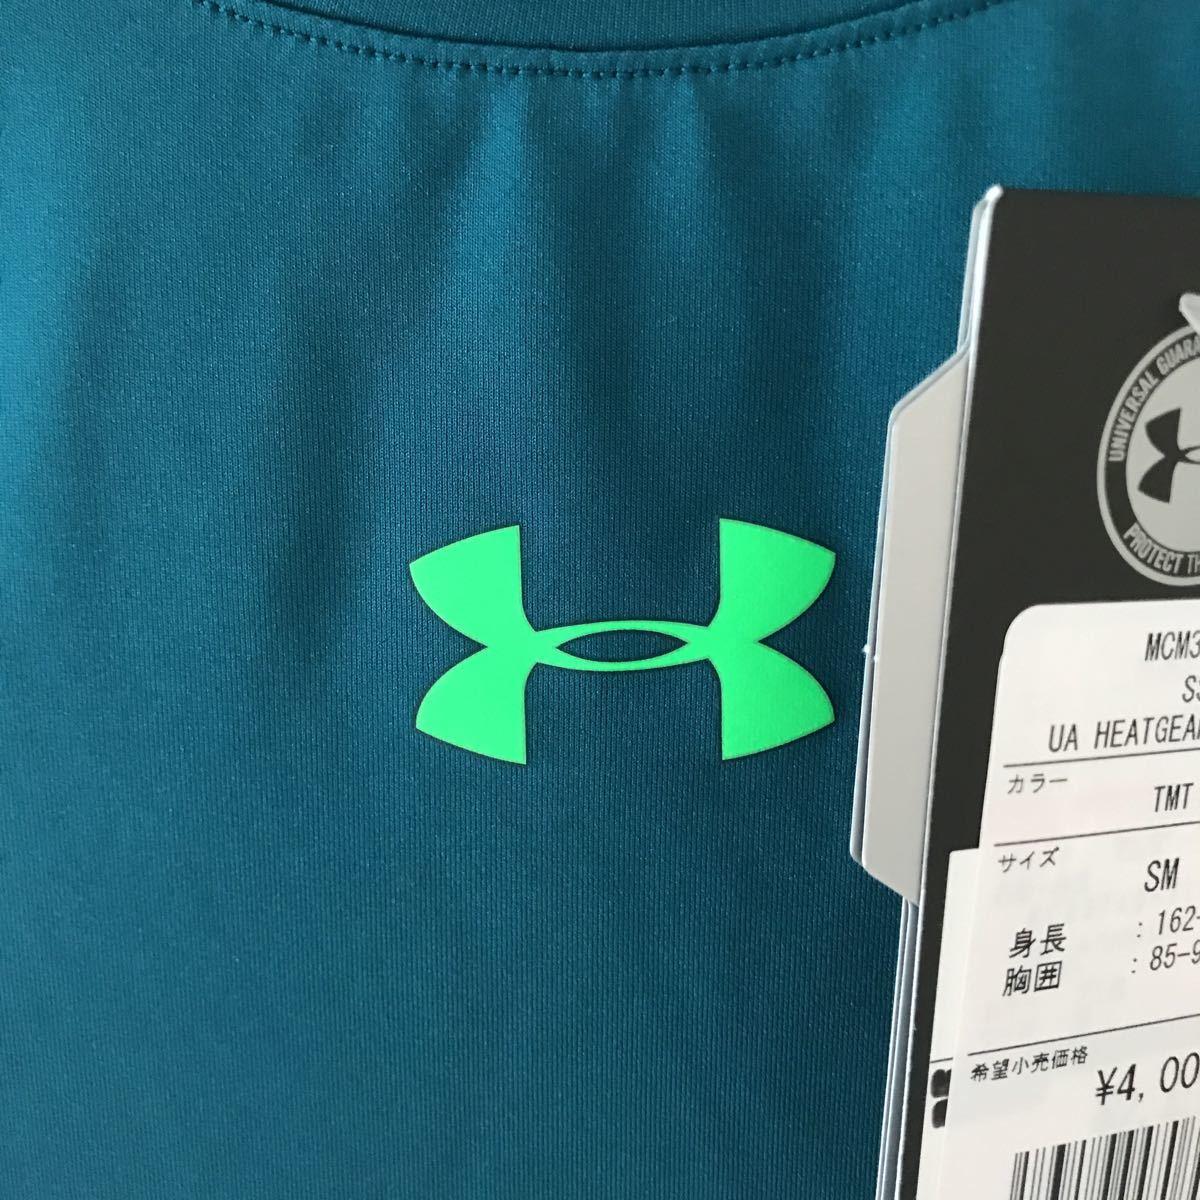 新品アンダーアーマー 半袖インナーシャツ SMサイズ ヒートギア コンプレッション 野球 サッカー ゴルフ ランニング ジム ヨガ